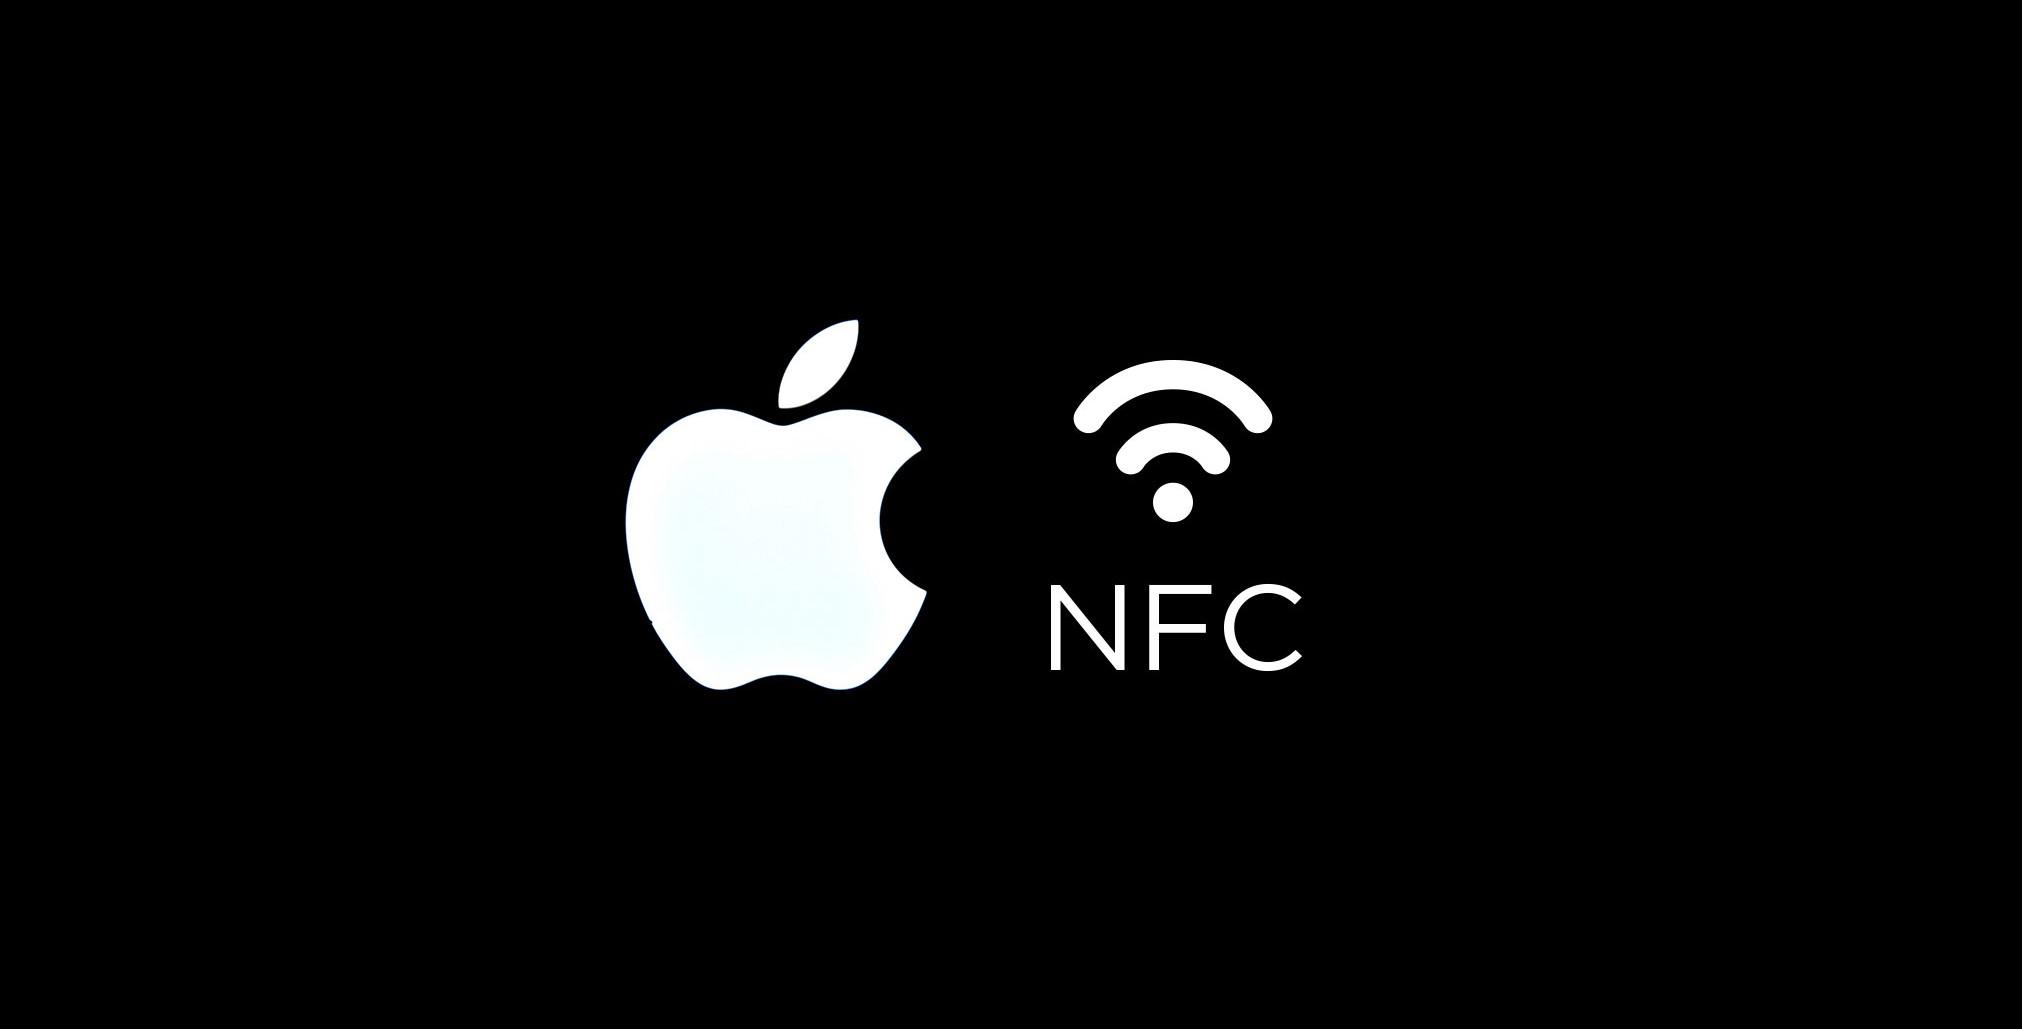 Apple pootvírá funkce NFC, ale stále půjde o placení